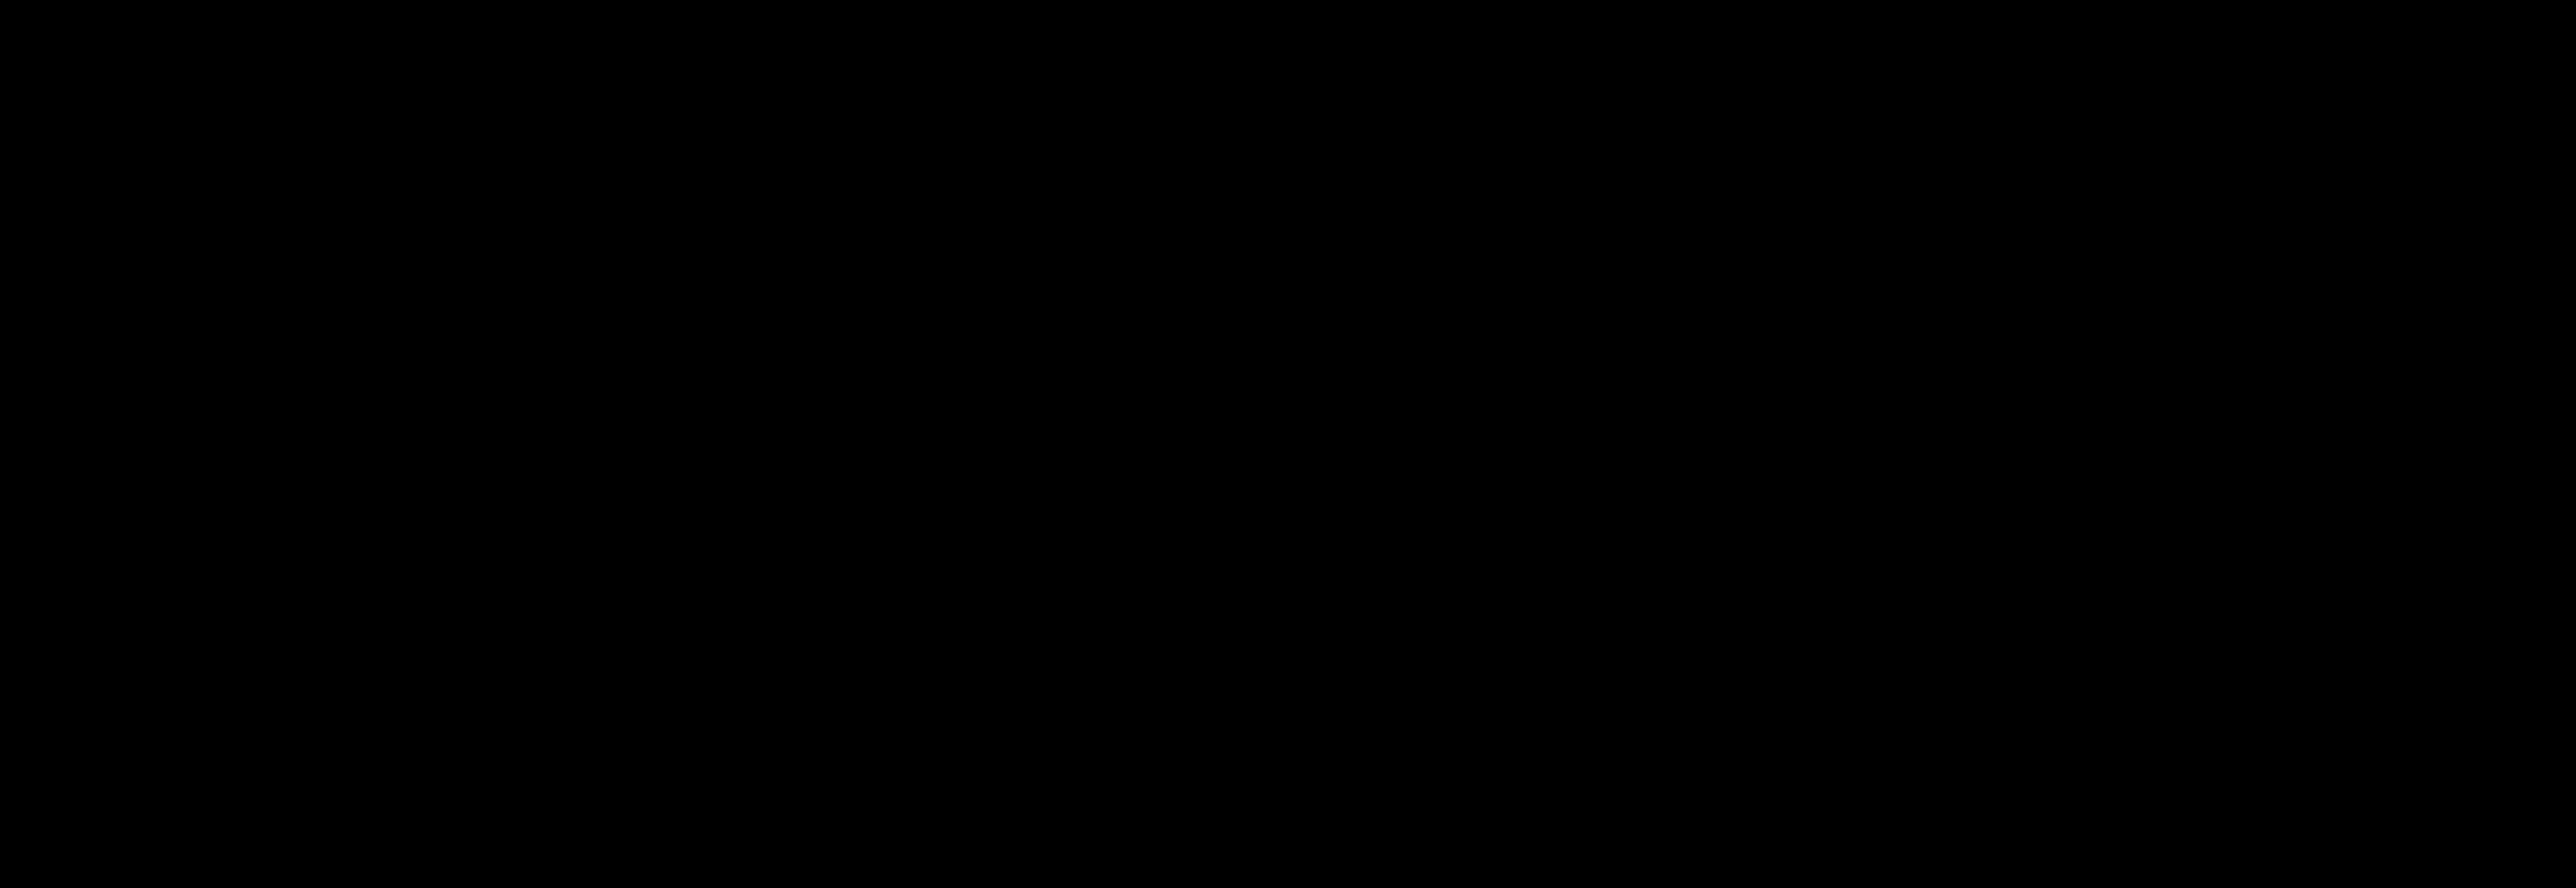 रापर तहसील के खडीर क्षेत्र में जनाण-बांभणका के रण क्षेत्र में आग